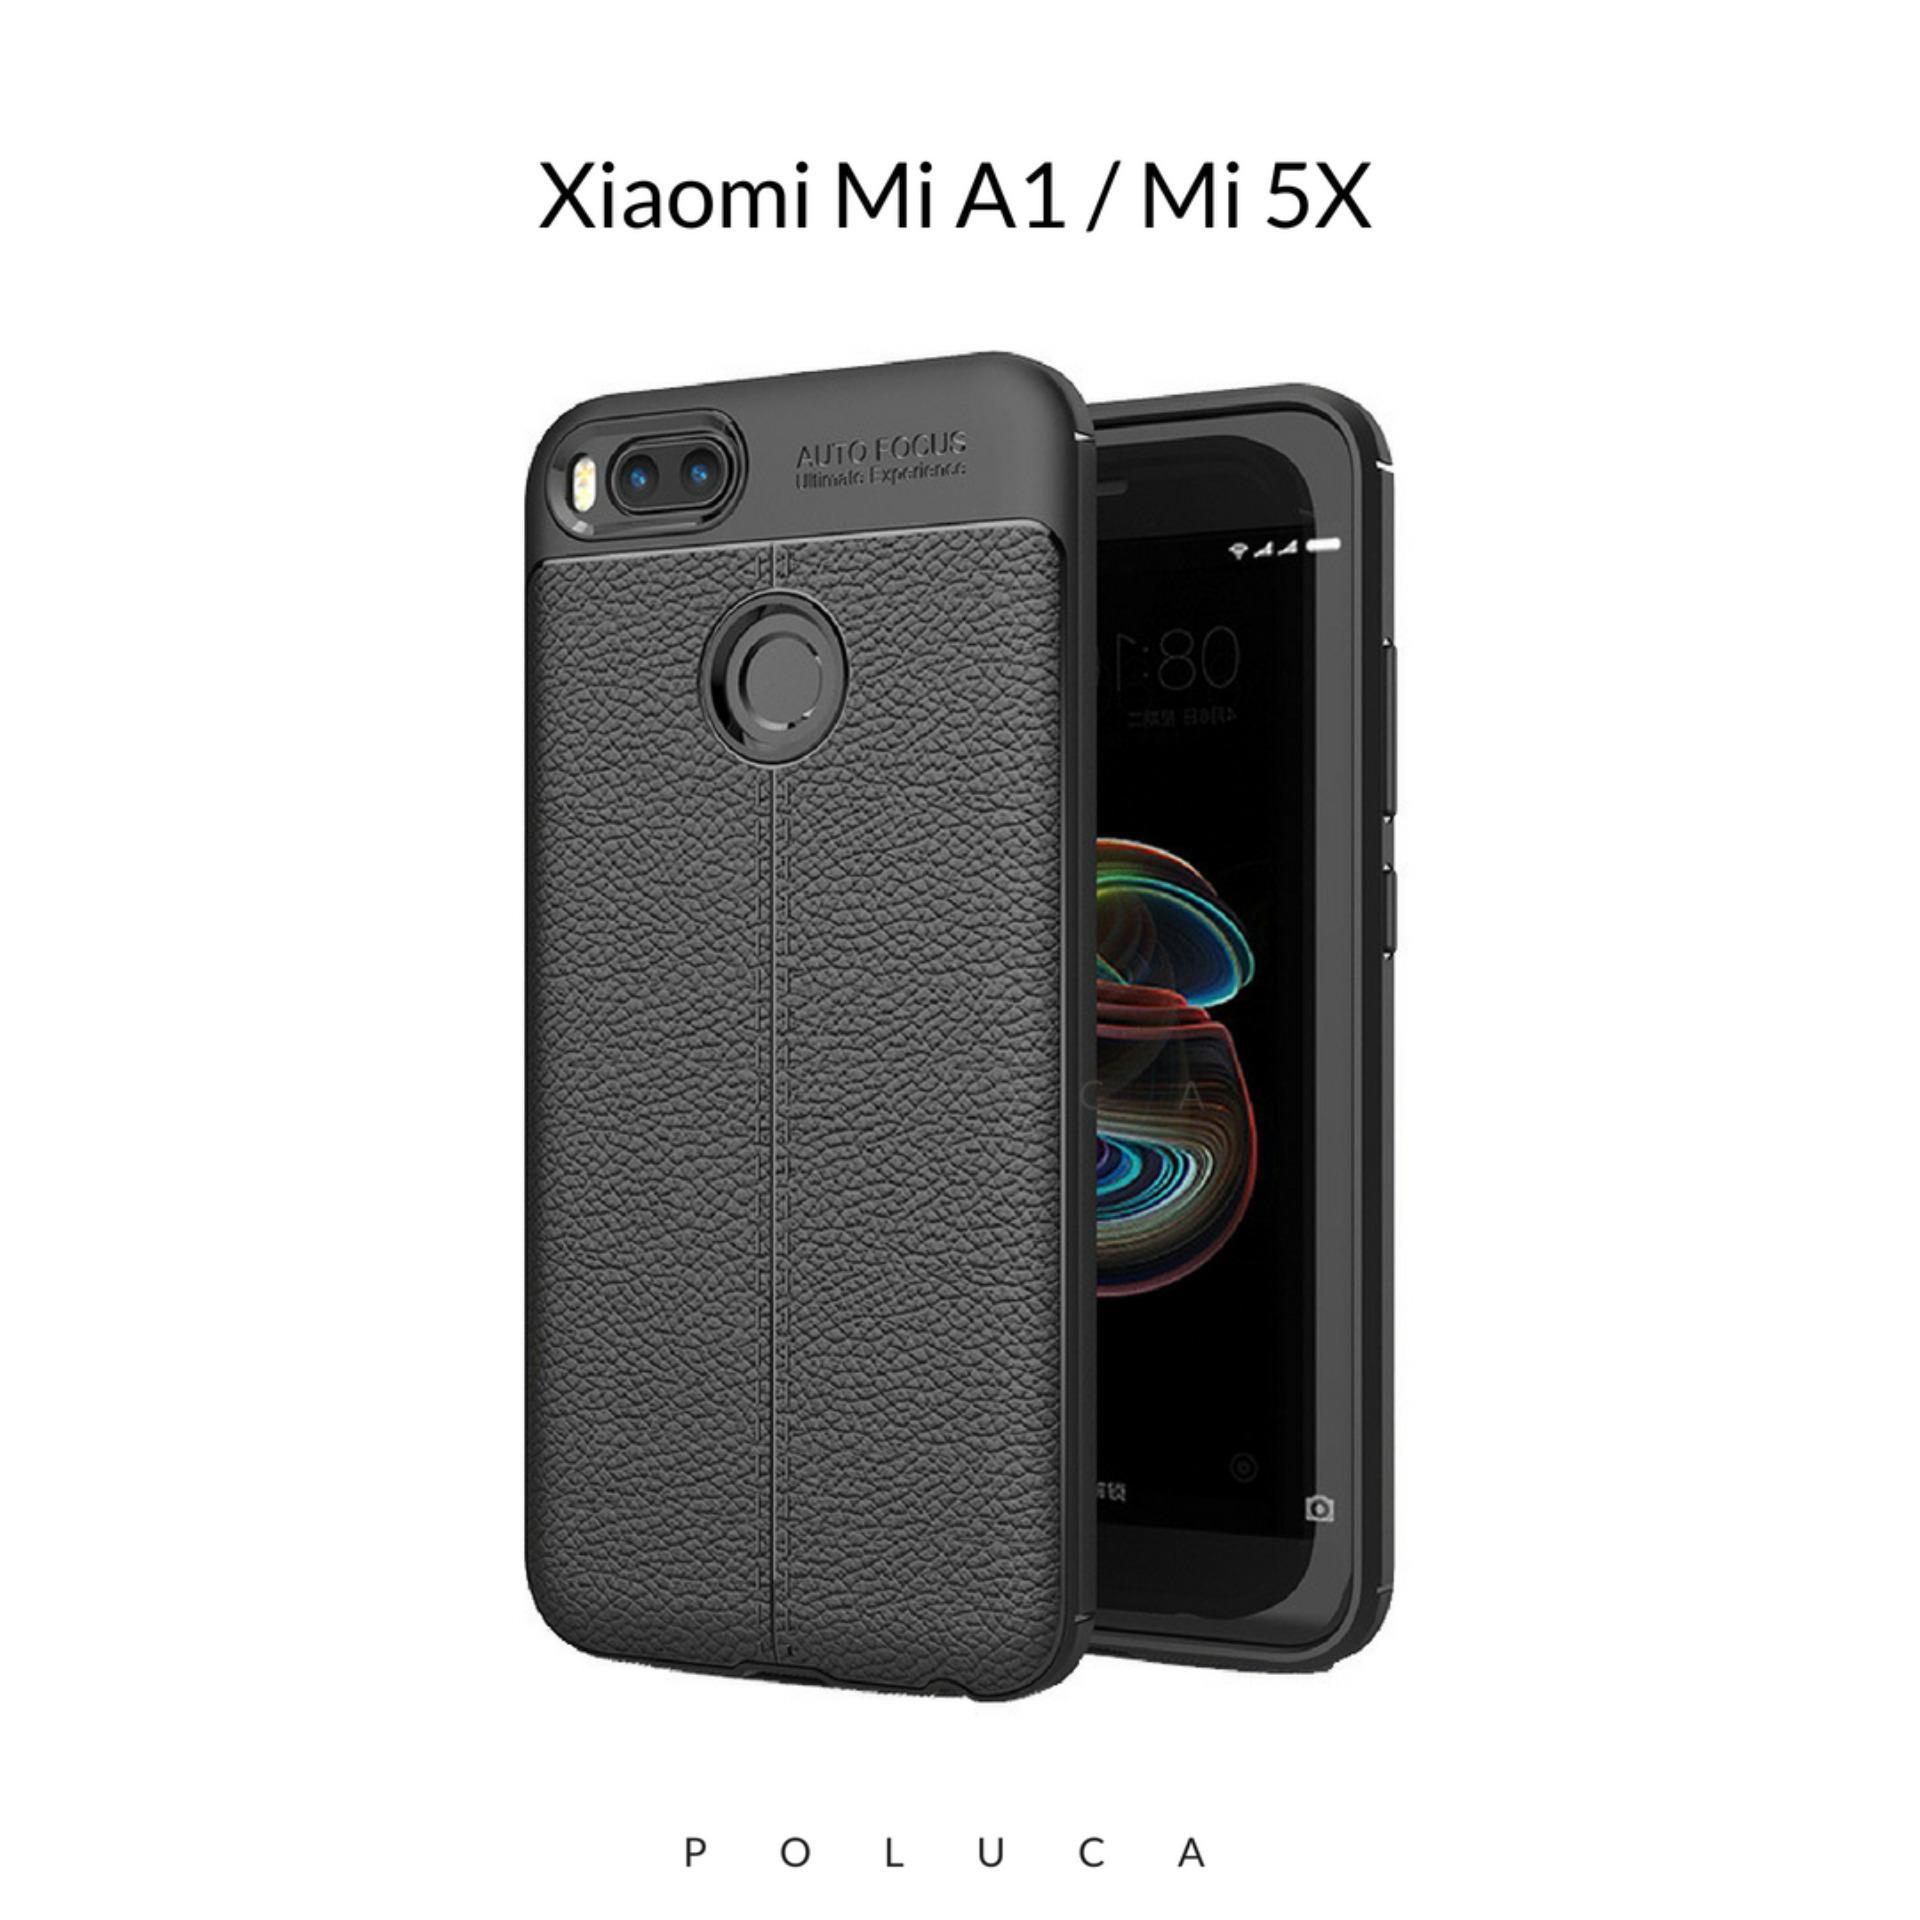 Poluca Luxury Case For Xiaomi Mi A1 / Mi 5X Ultimate Experience TPU Leather Autofocus -